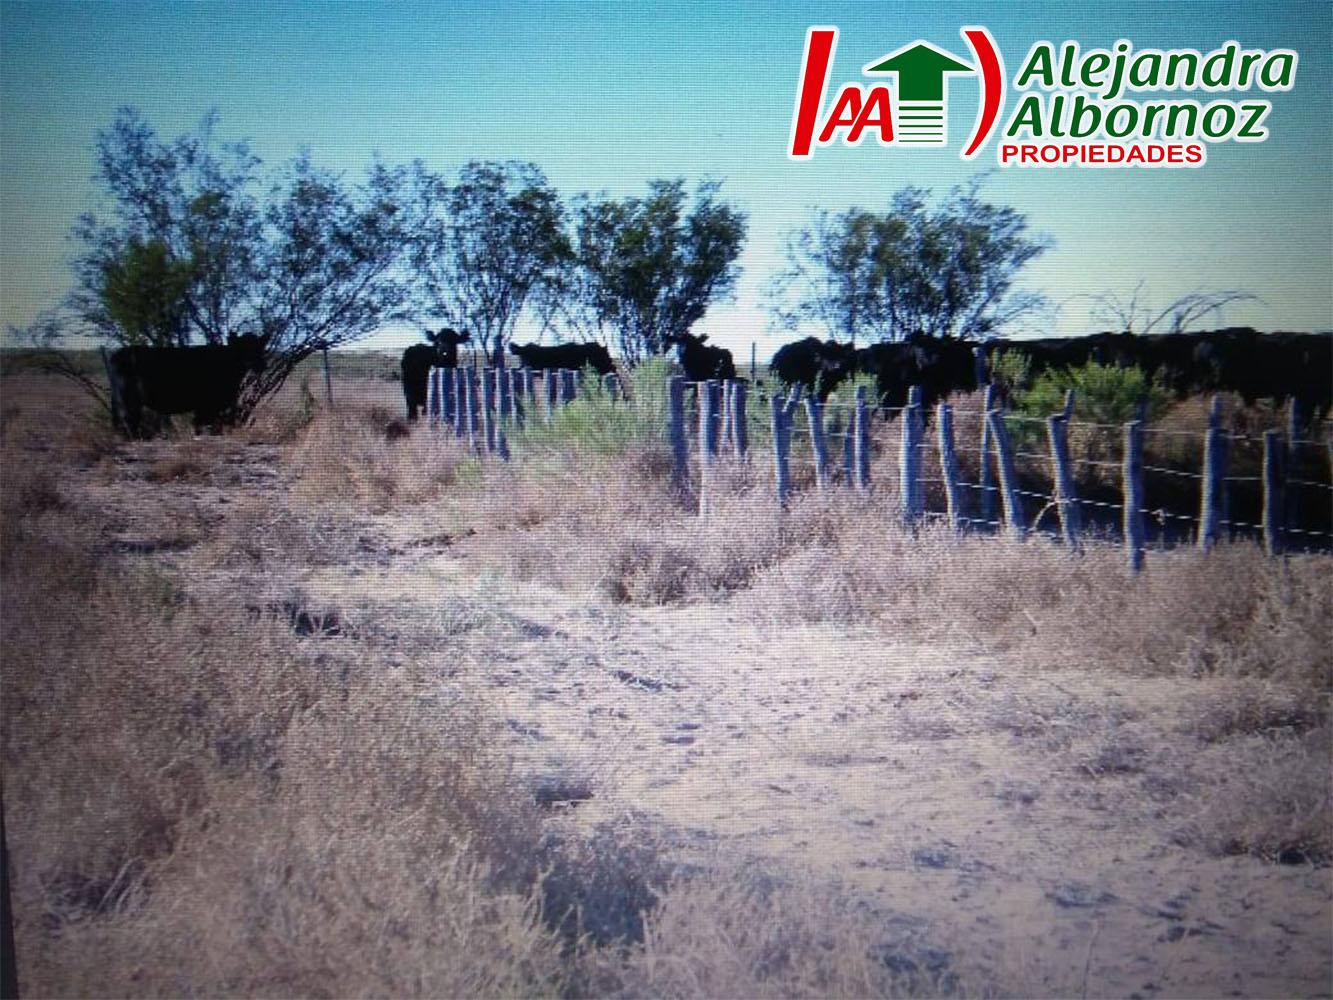 La Pampa septiembre 2